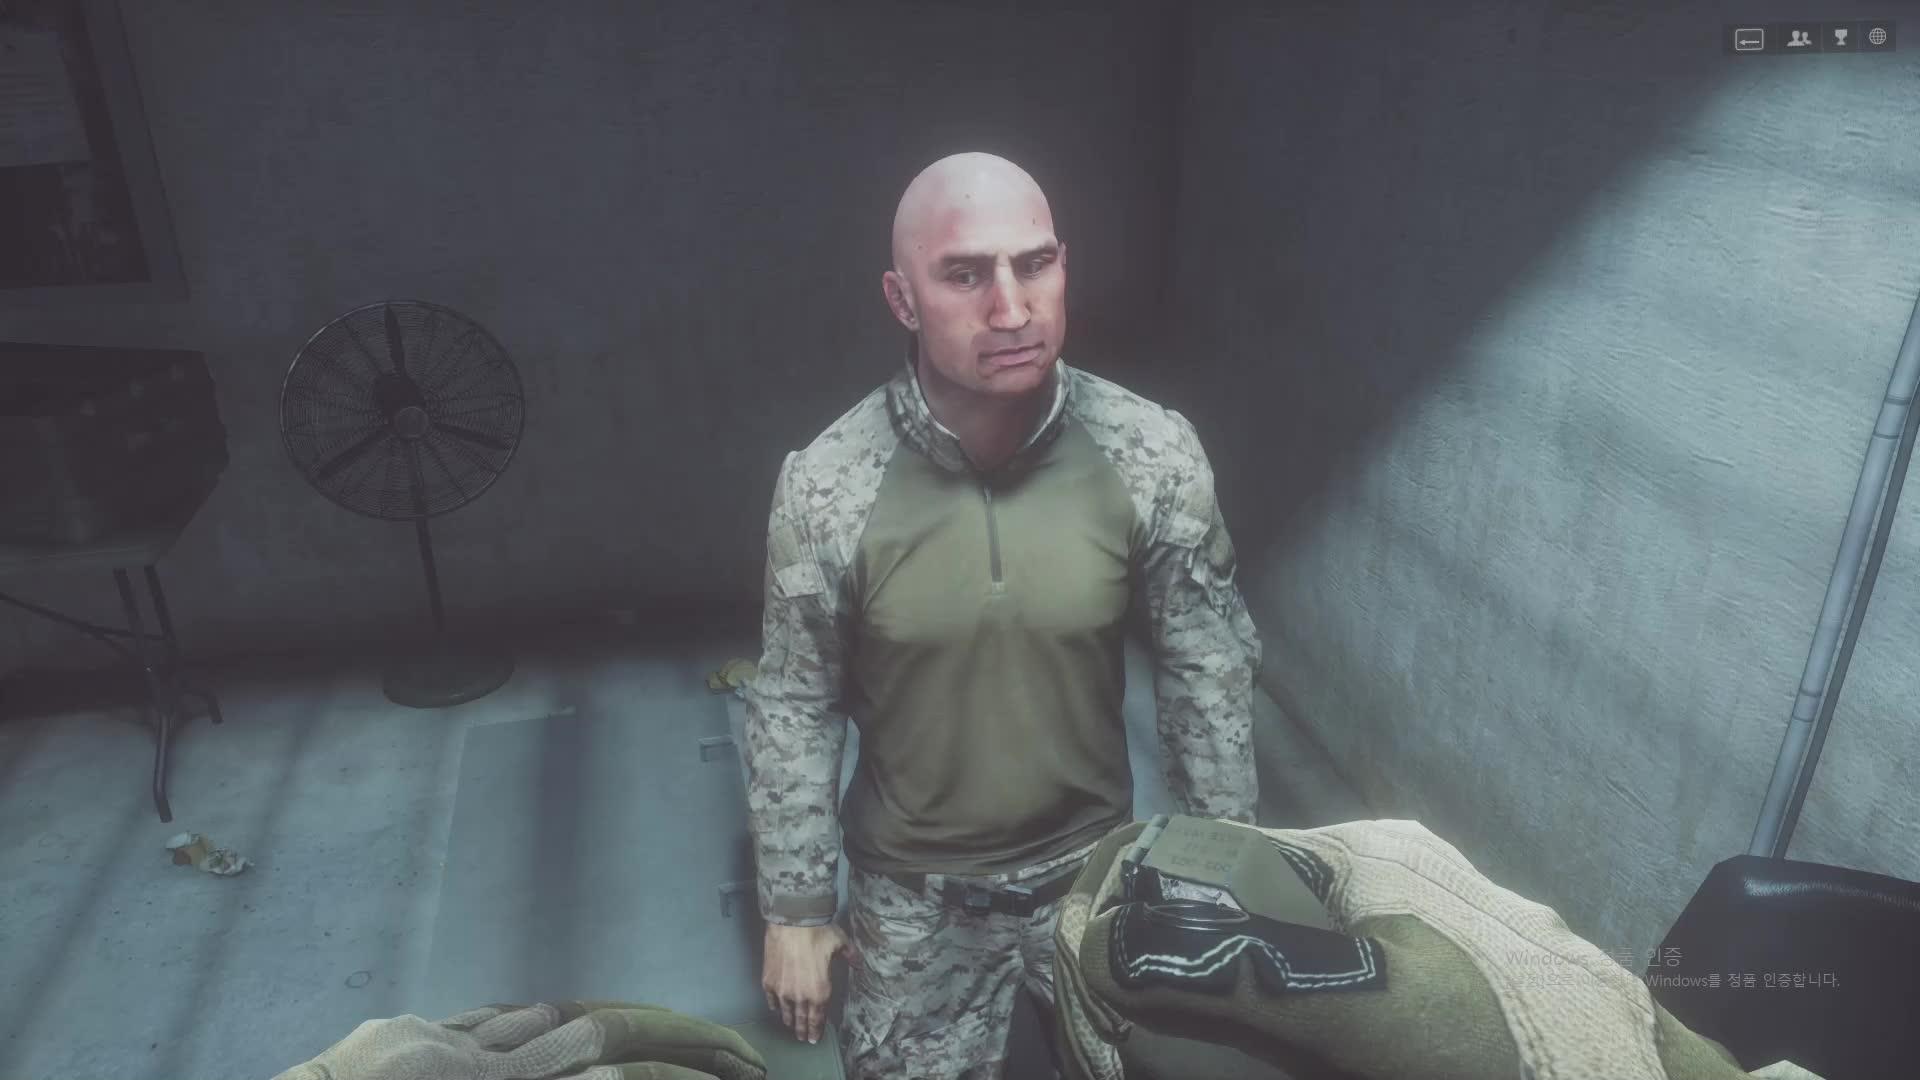 battlefield4, Battlefield 4 2018.06.19 - 18.55.17.01Trim GIFs